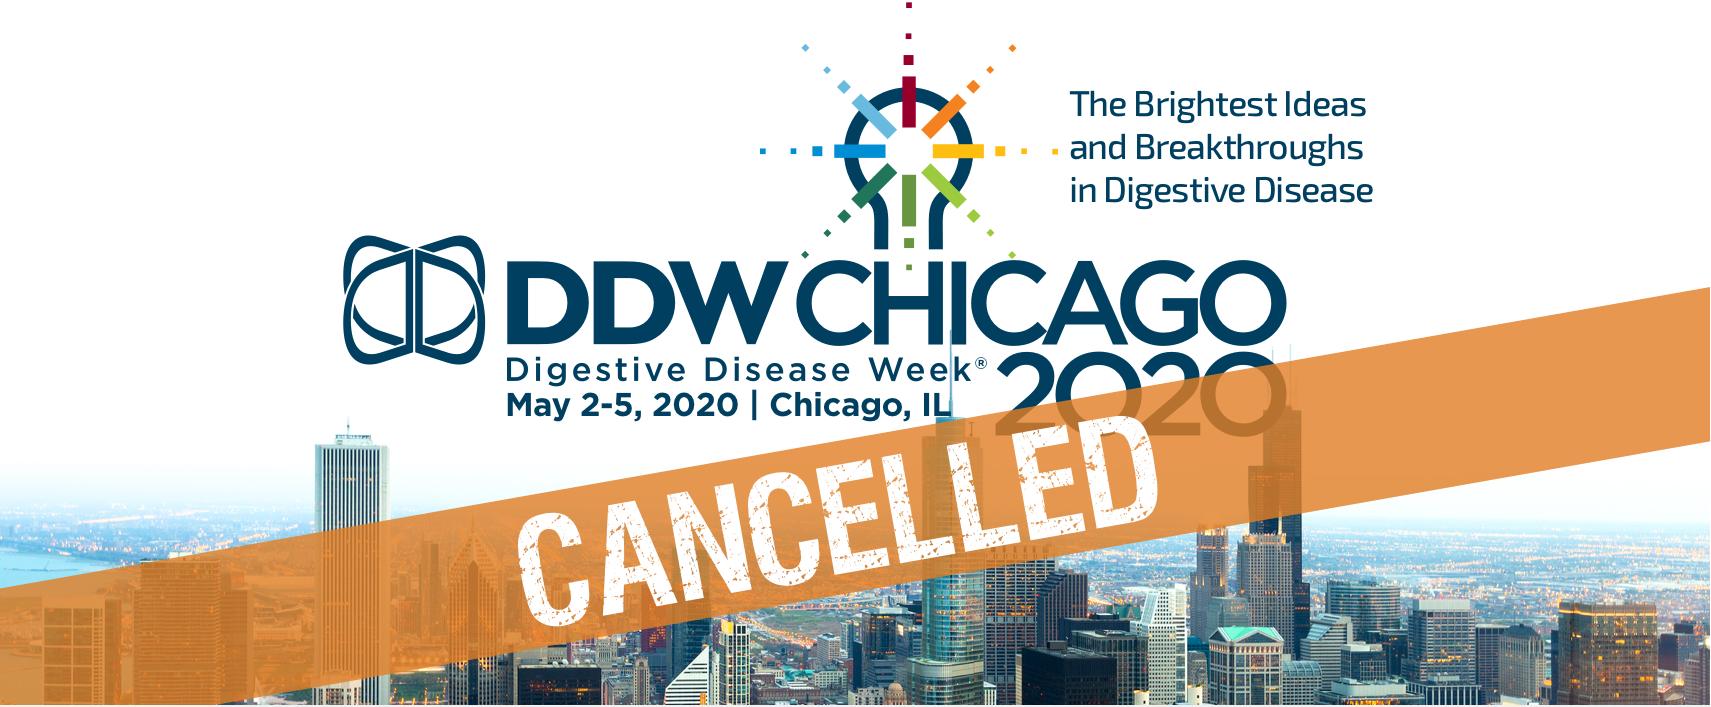 (İPTAL EDİLDİ) Digestive Disease Week 2020